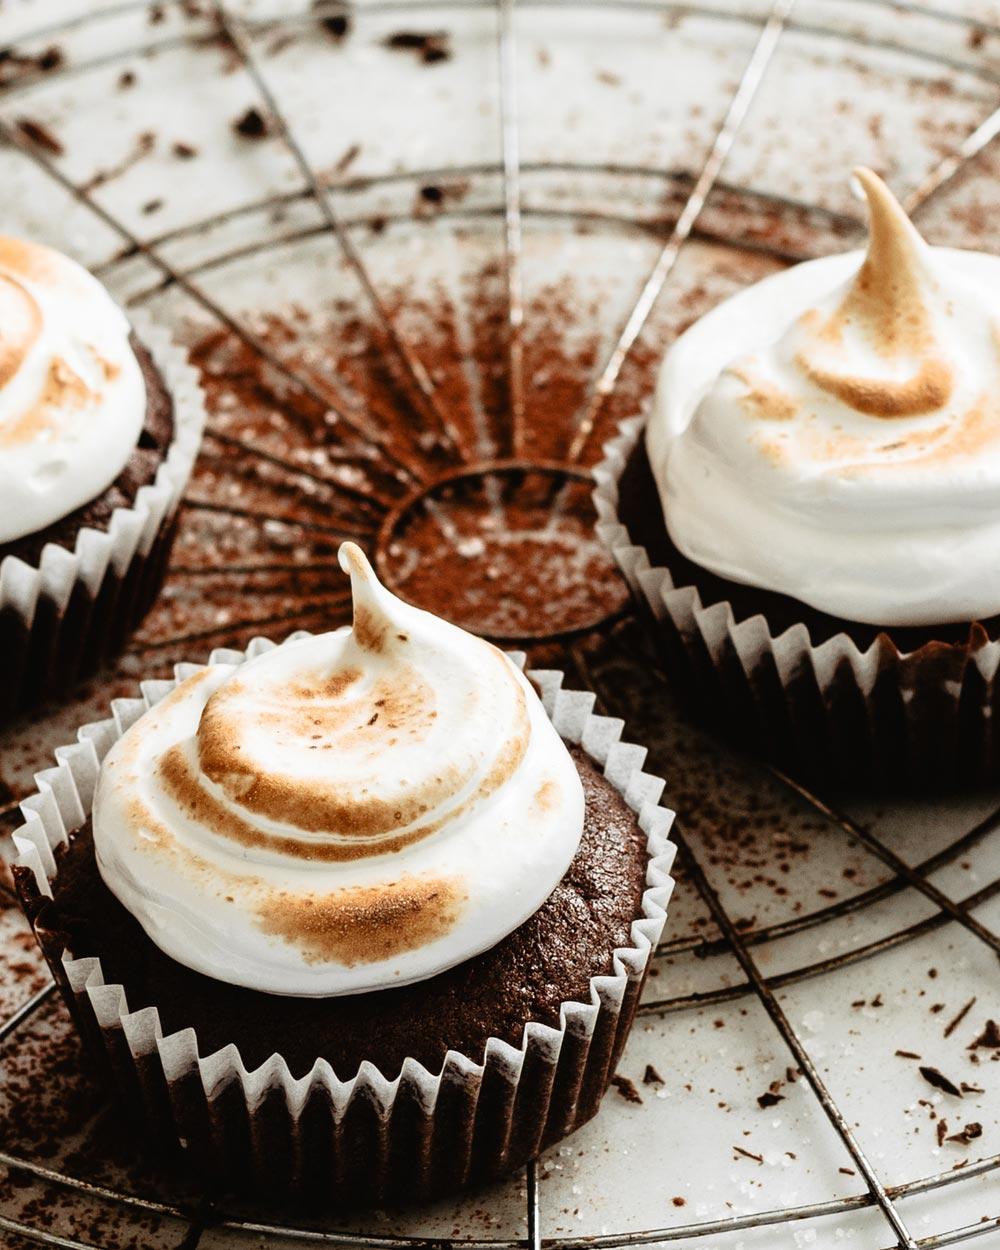 Receta: Cupcakes de chocolate y merengue